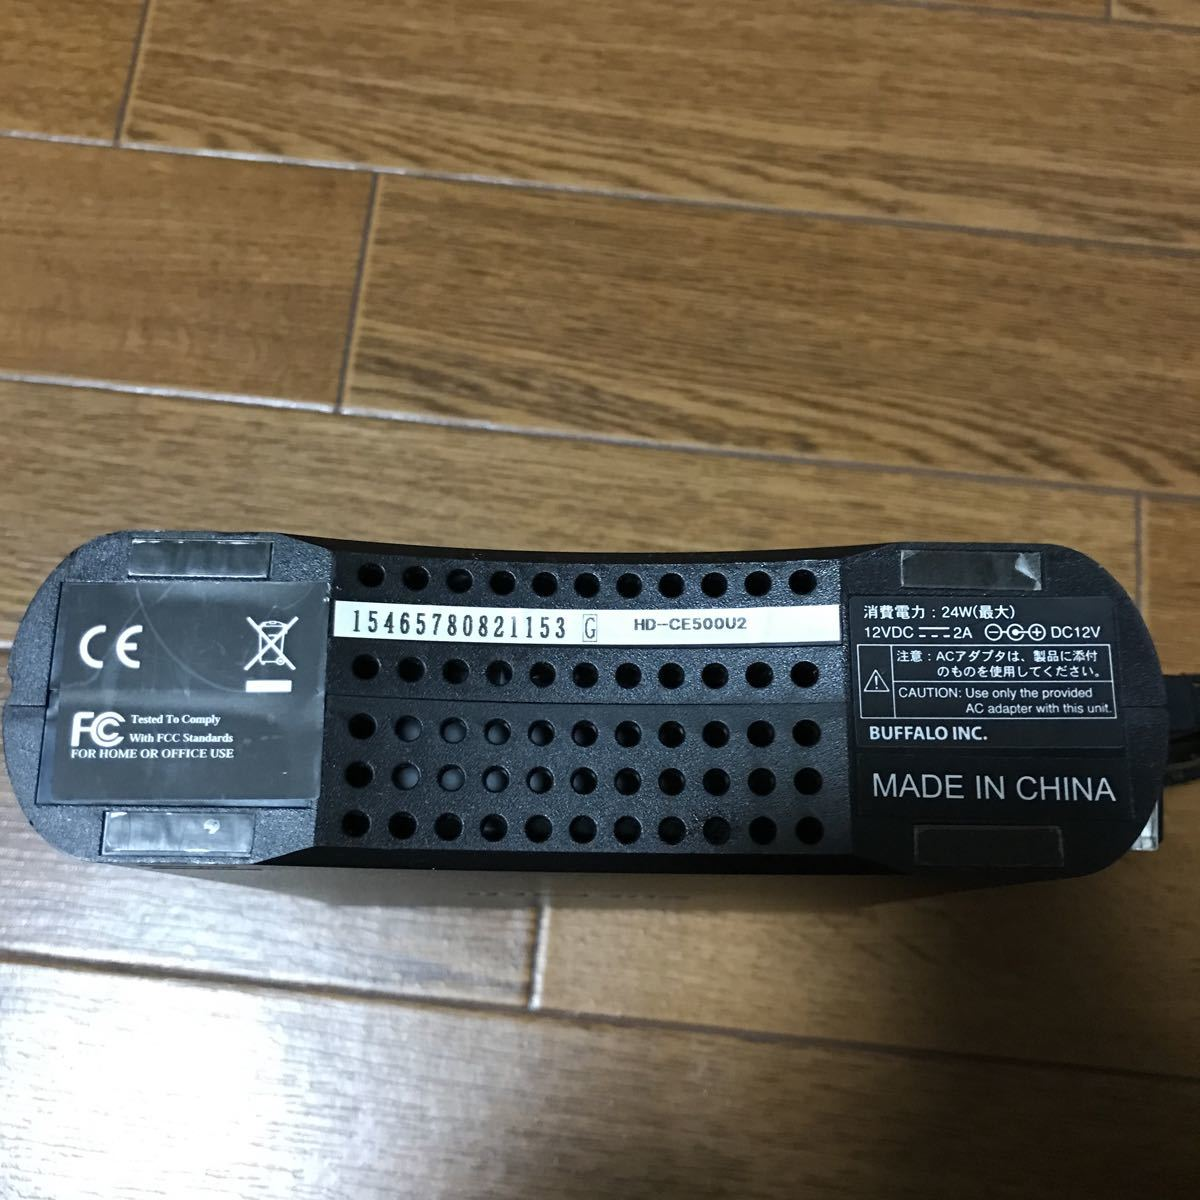 BUFFALO 外付けHDD USB2.0 外付けハードディスク 500GB HD-CE500U2 電源欠品